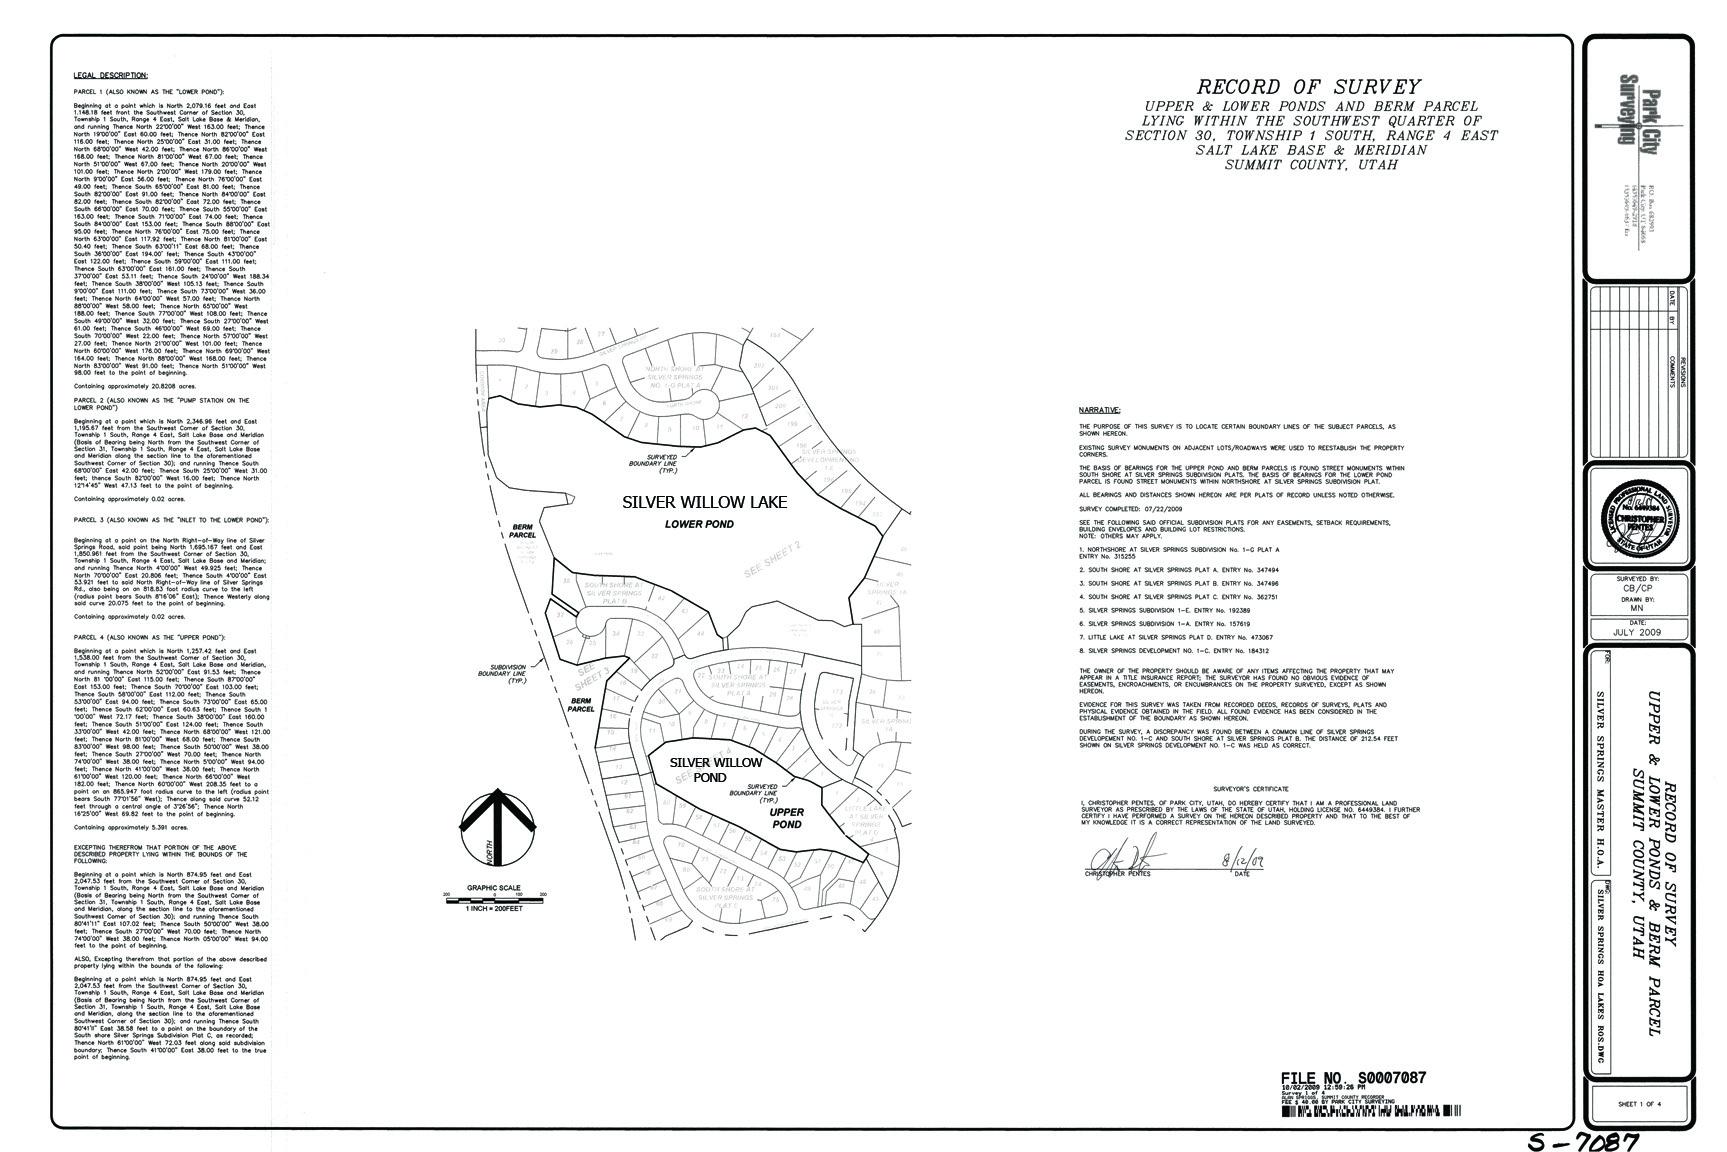 2009-10-2- Survey Map 1